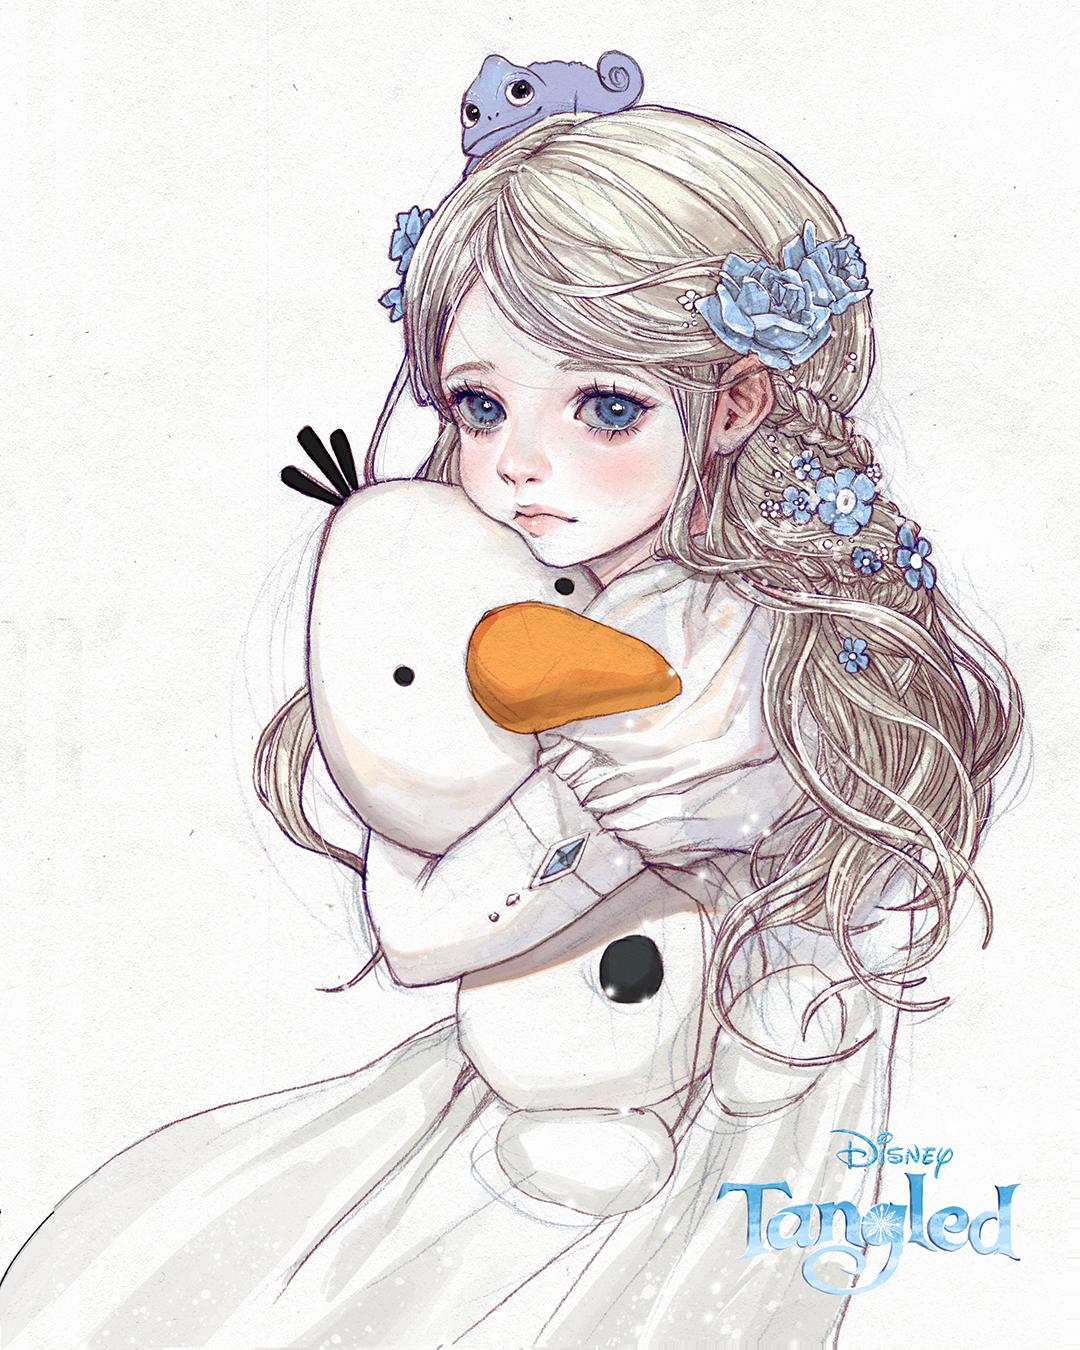 GirlsclubAsia-Illustrator-ncho (7)